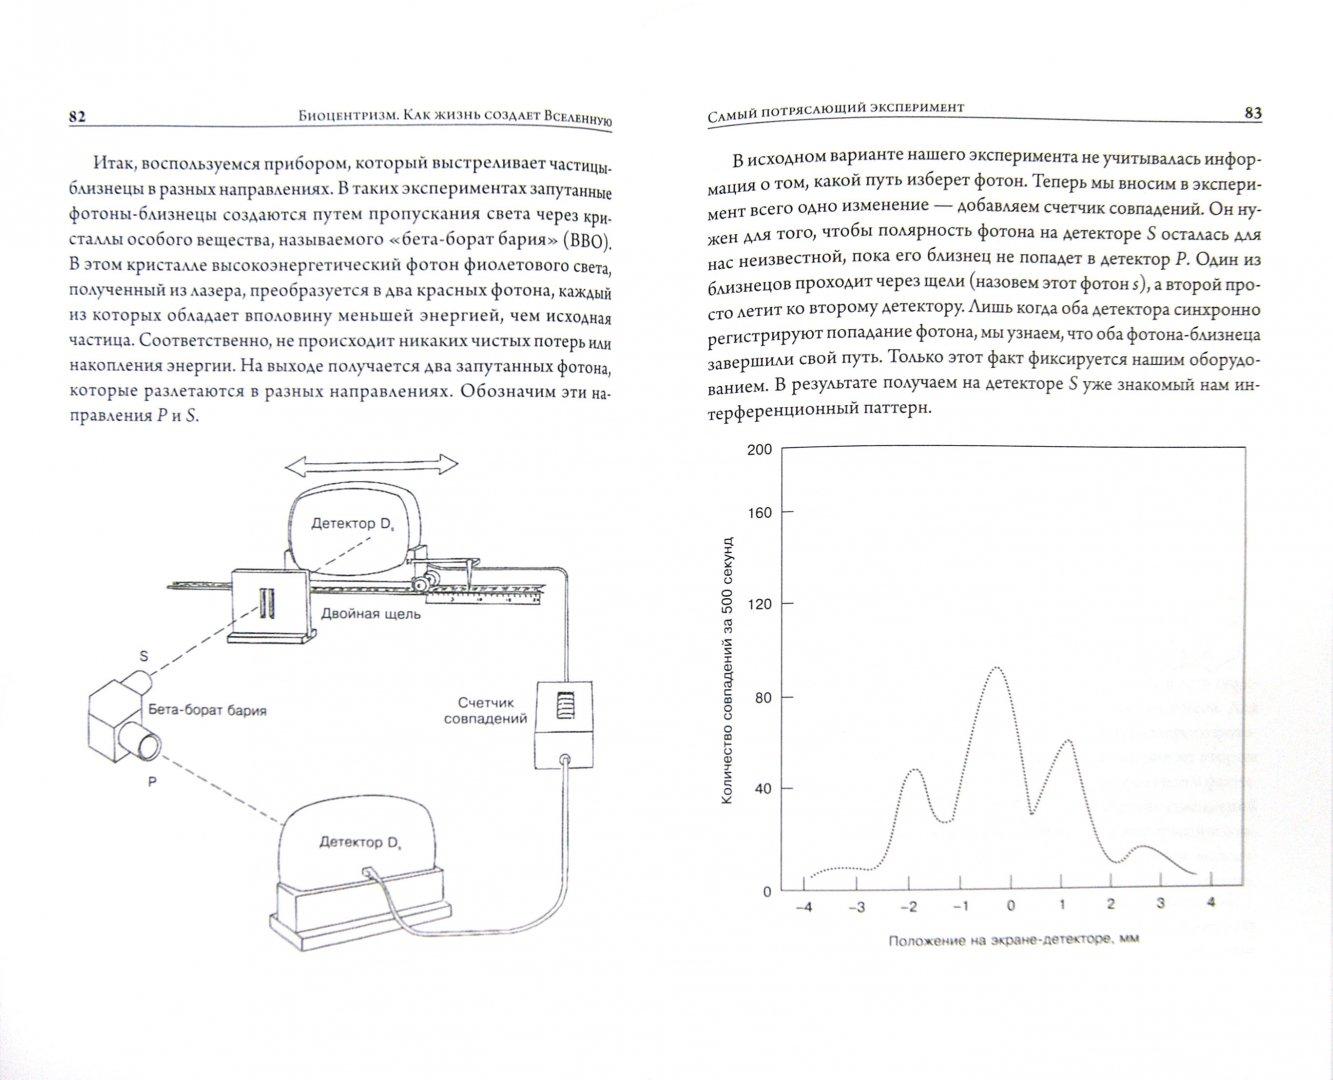 Иллюстрация 1 из 20 для Биоцентризм. Как жизнь создает Вселенную - Ланца, Берман | Лабиринт - книги. Источник: Лабиринт